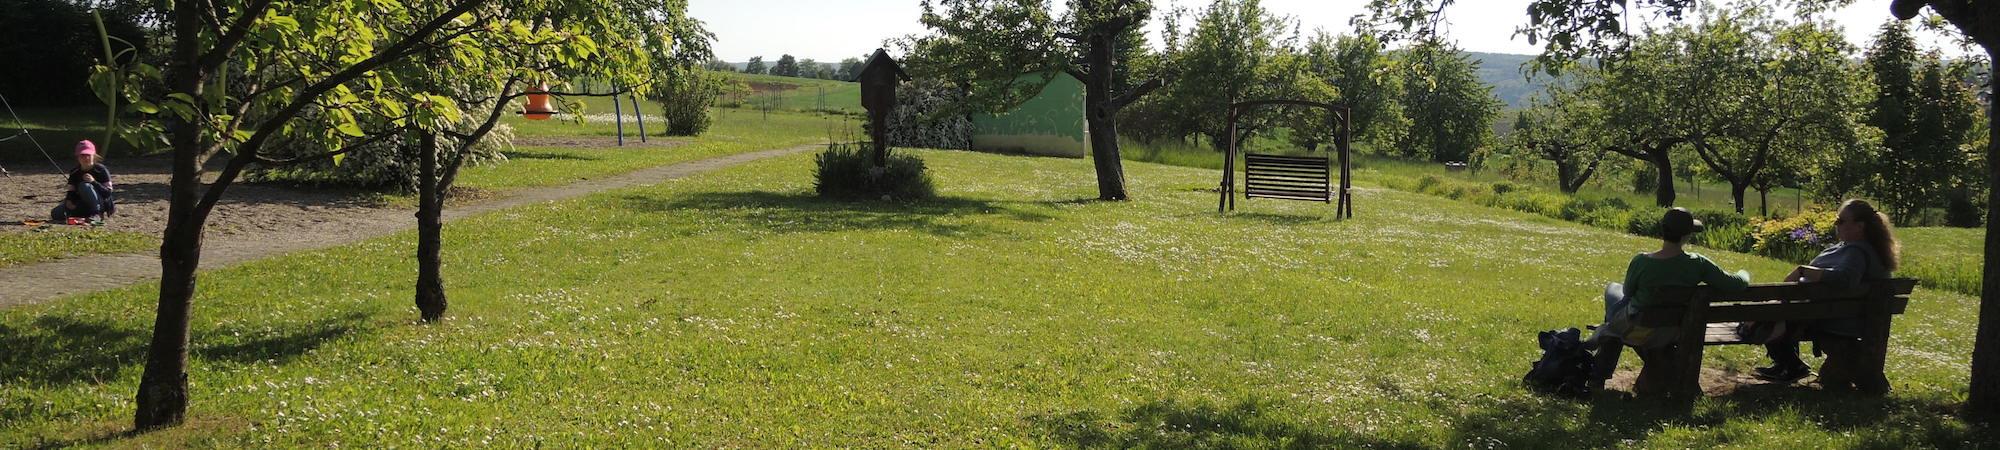 Sommer_Garten